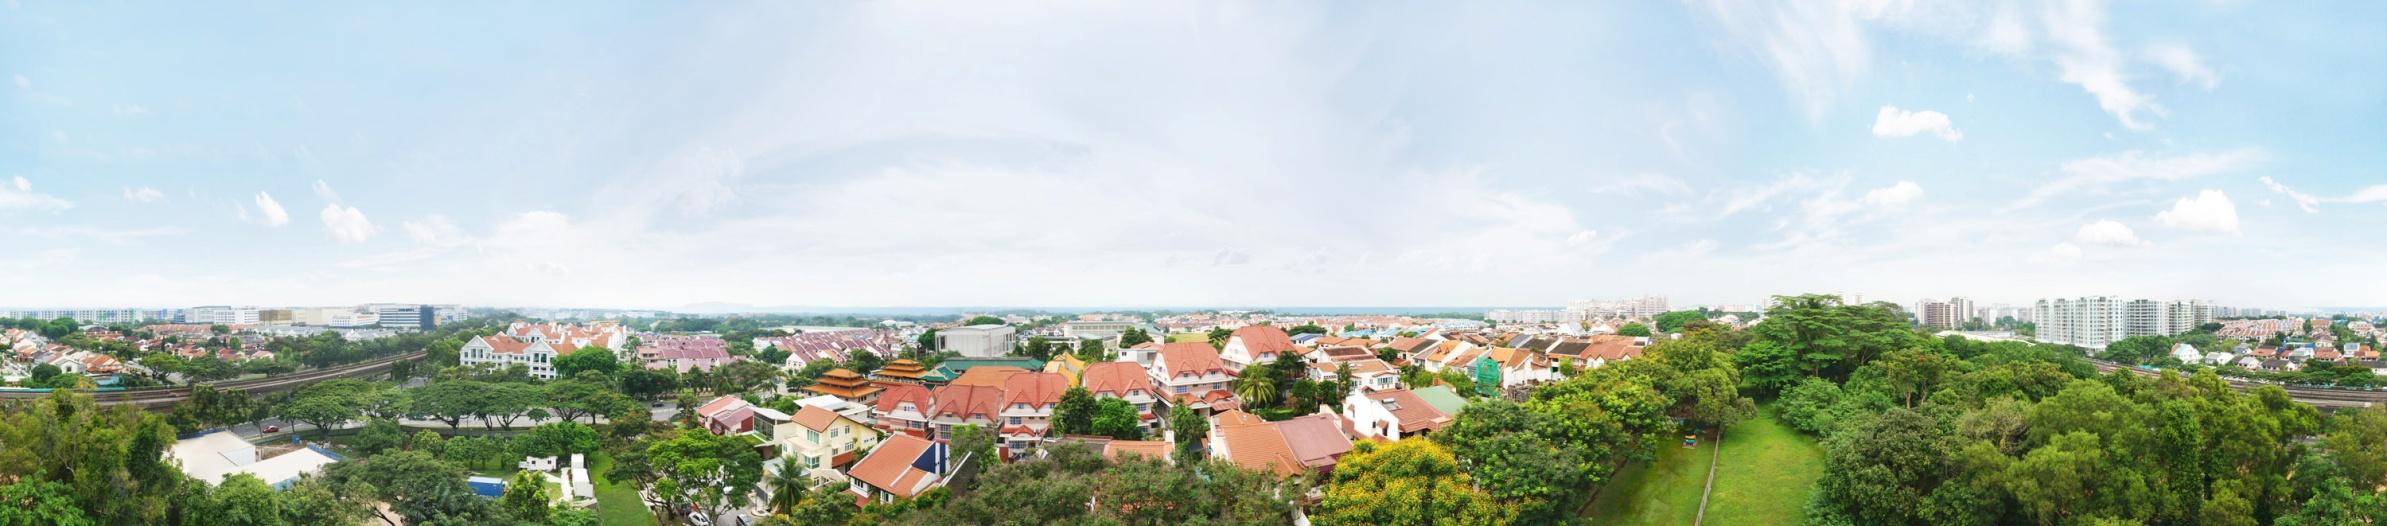 Aeria view.jpg